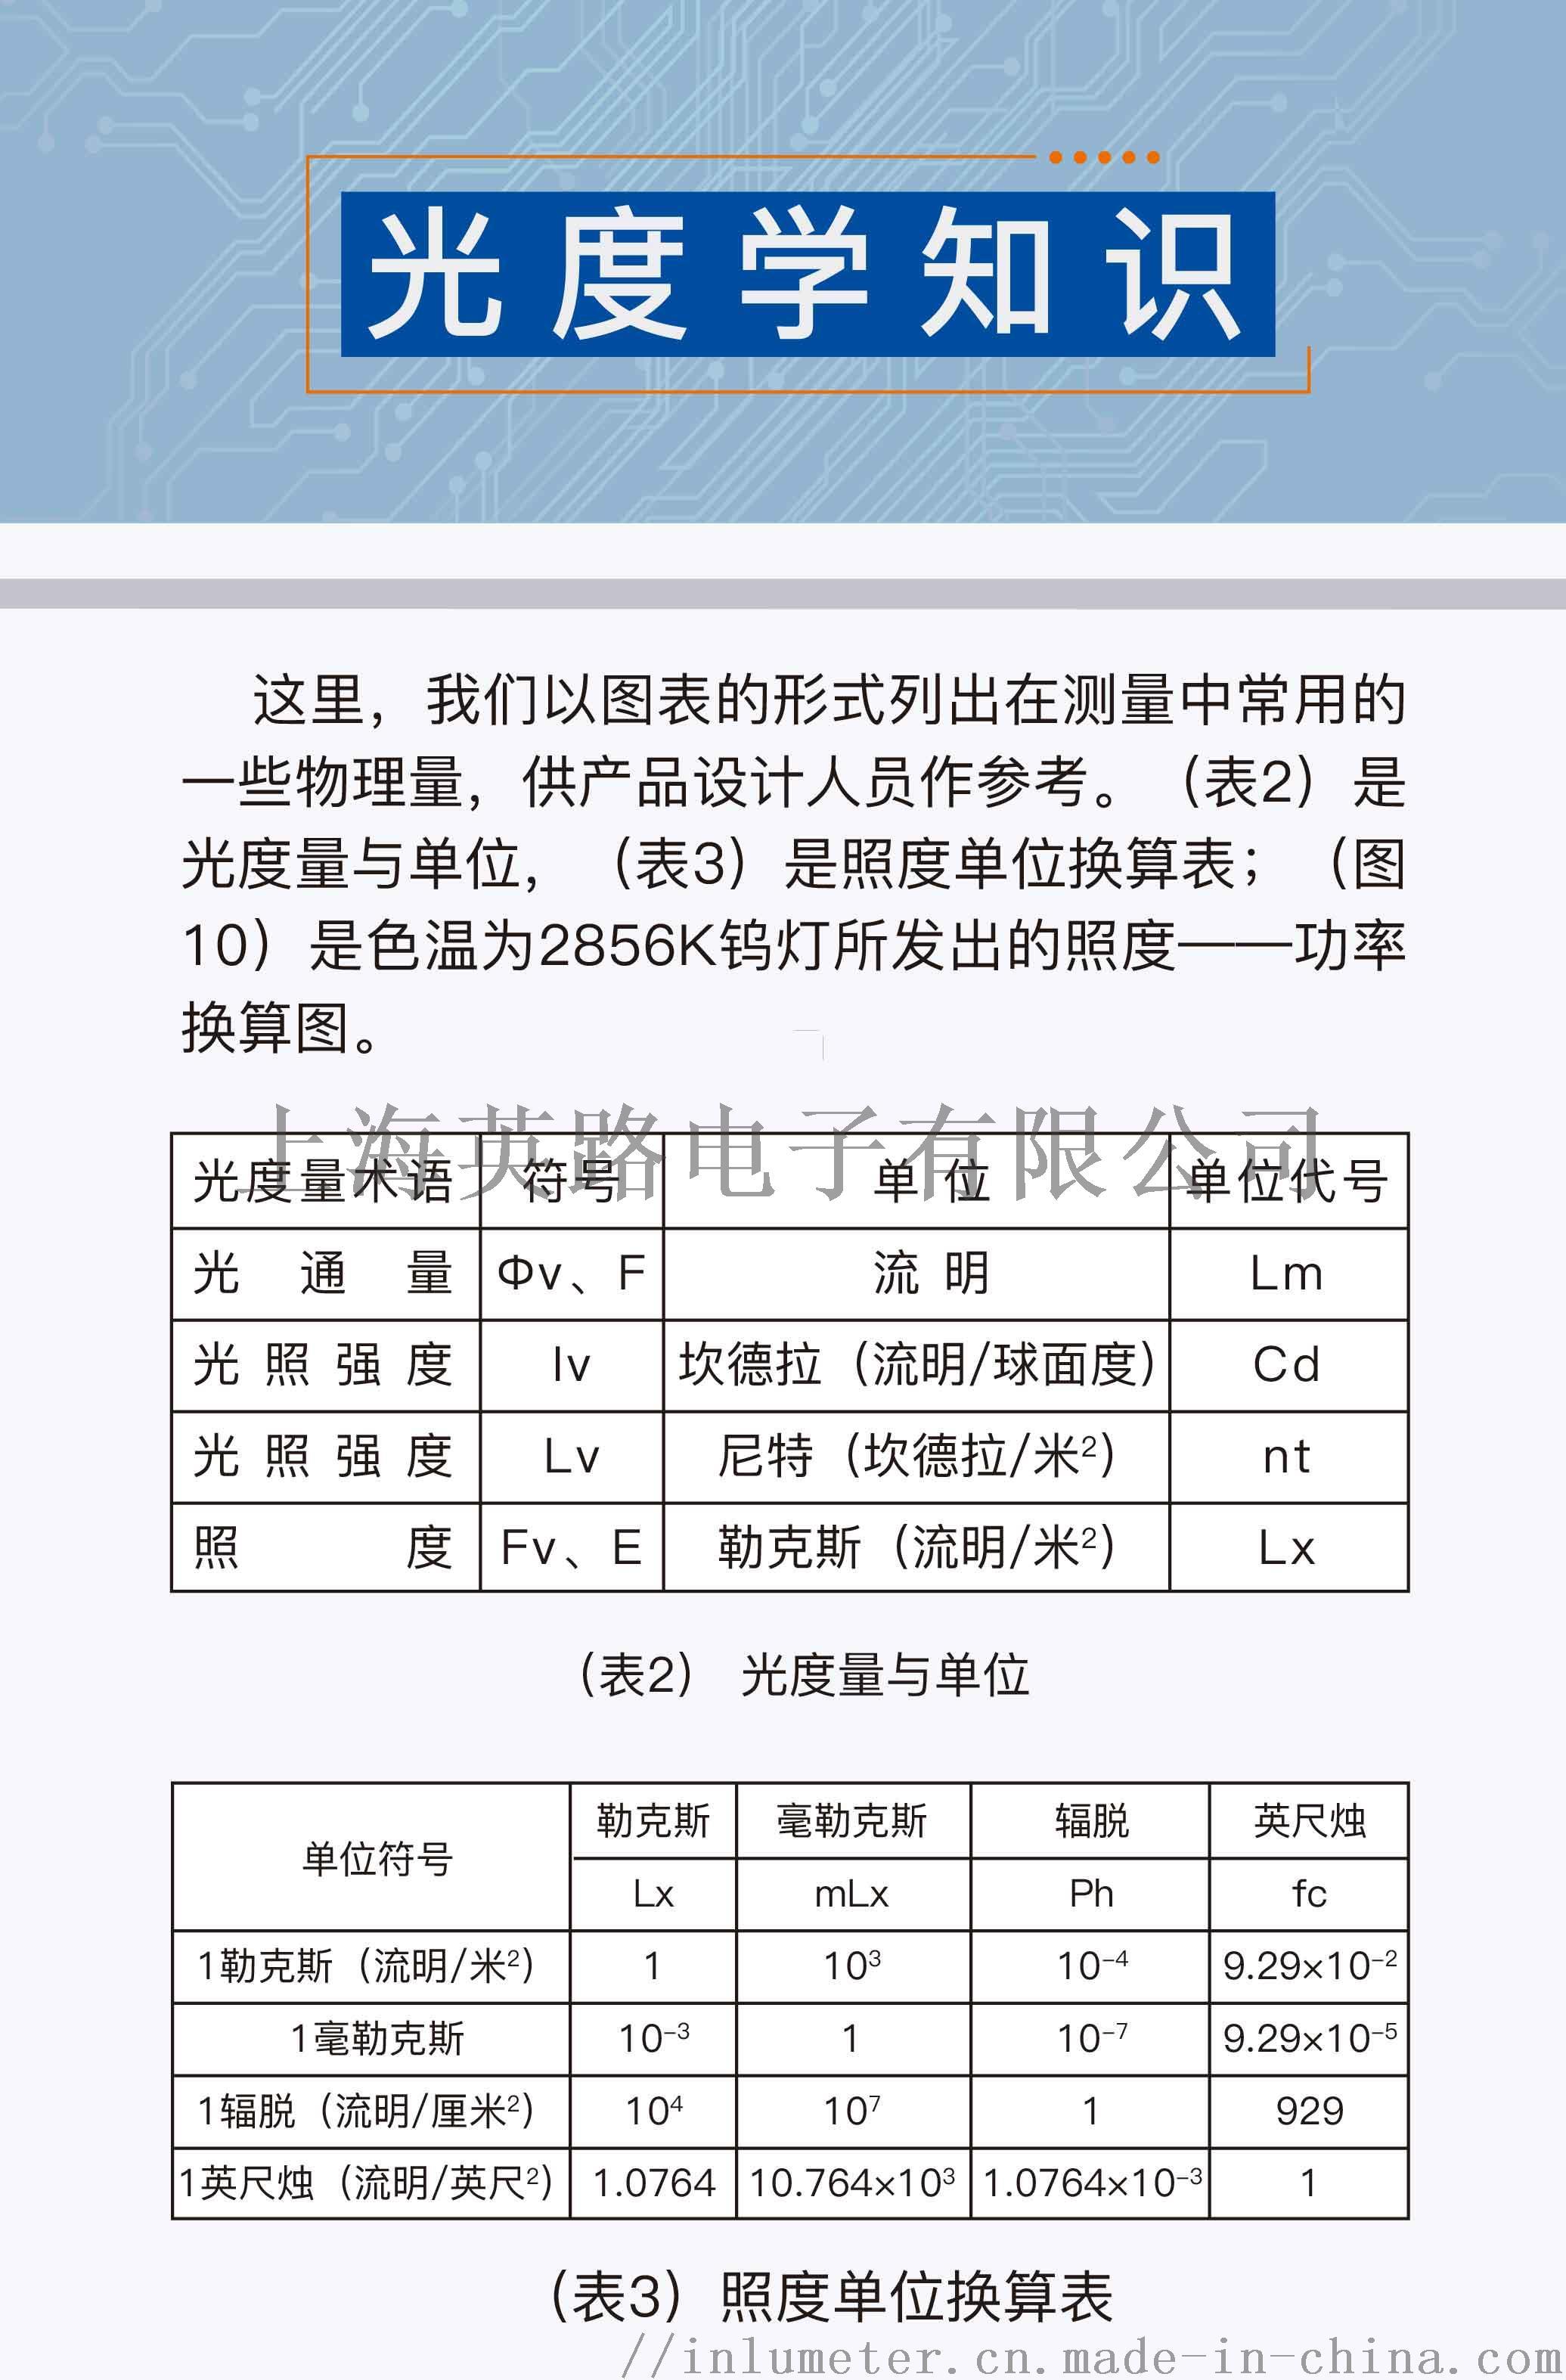 供应高品质硅光电池2CU006149380945